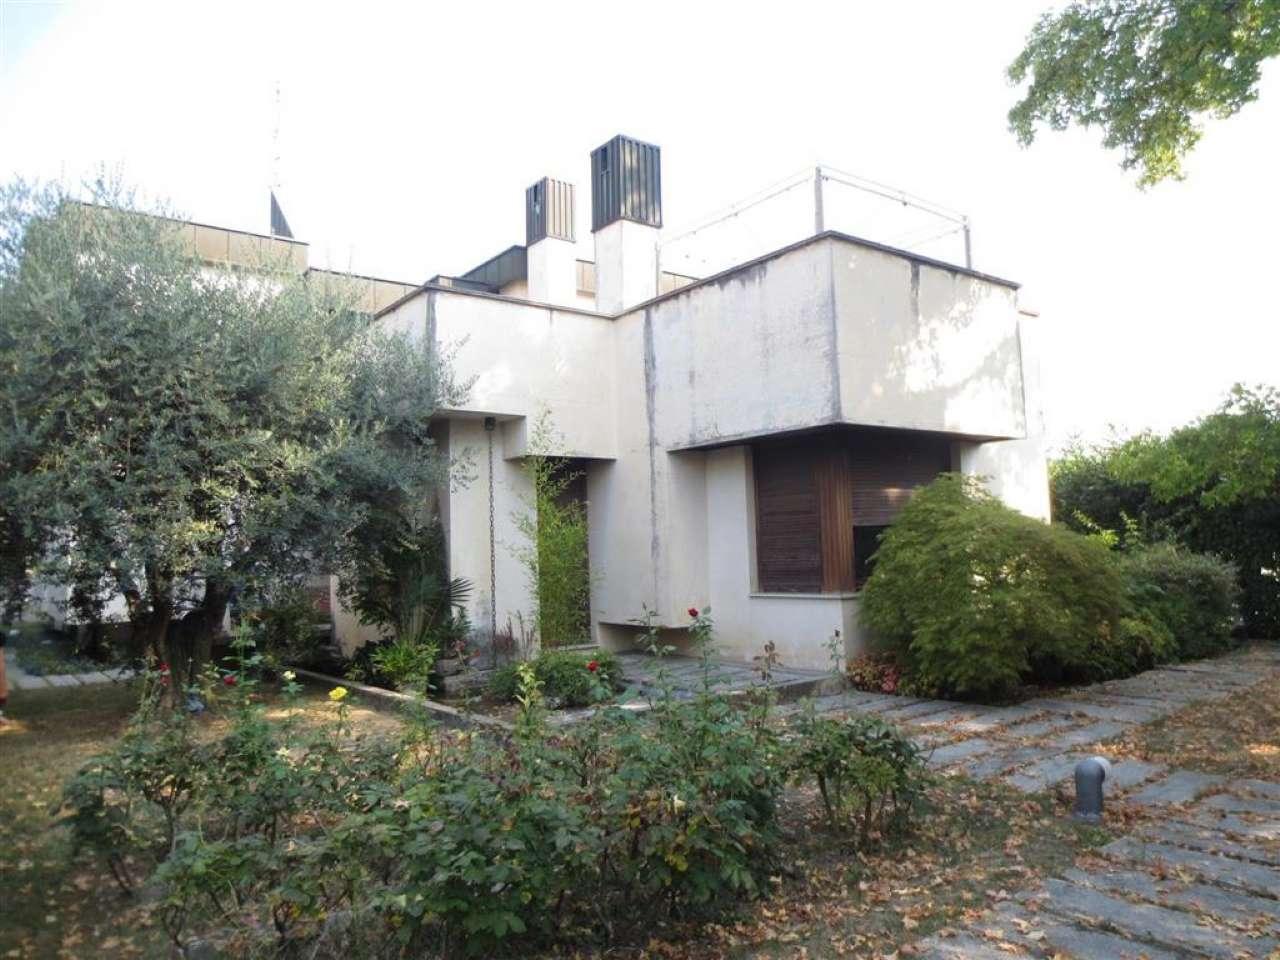 Villa in vendita a Vicenza, 5 locali, prezzo € 450.000 | Cambio Casa.it